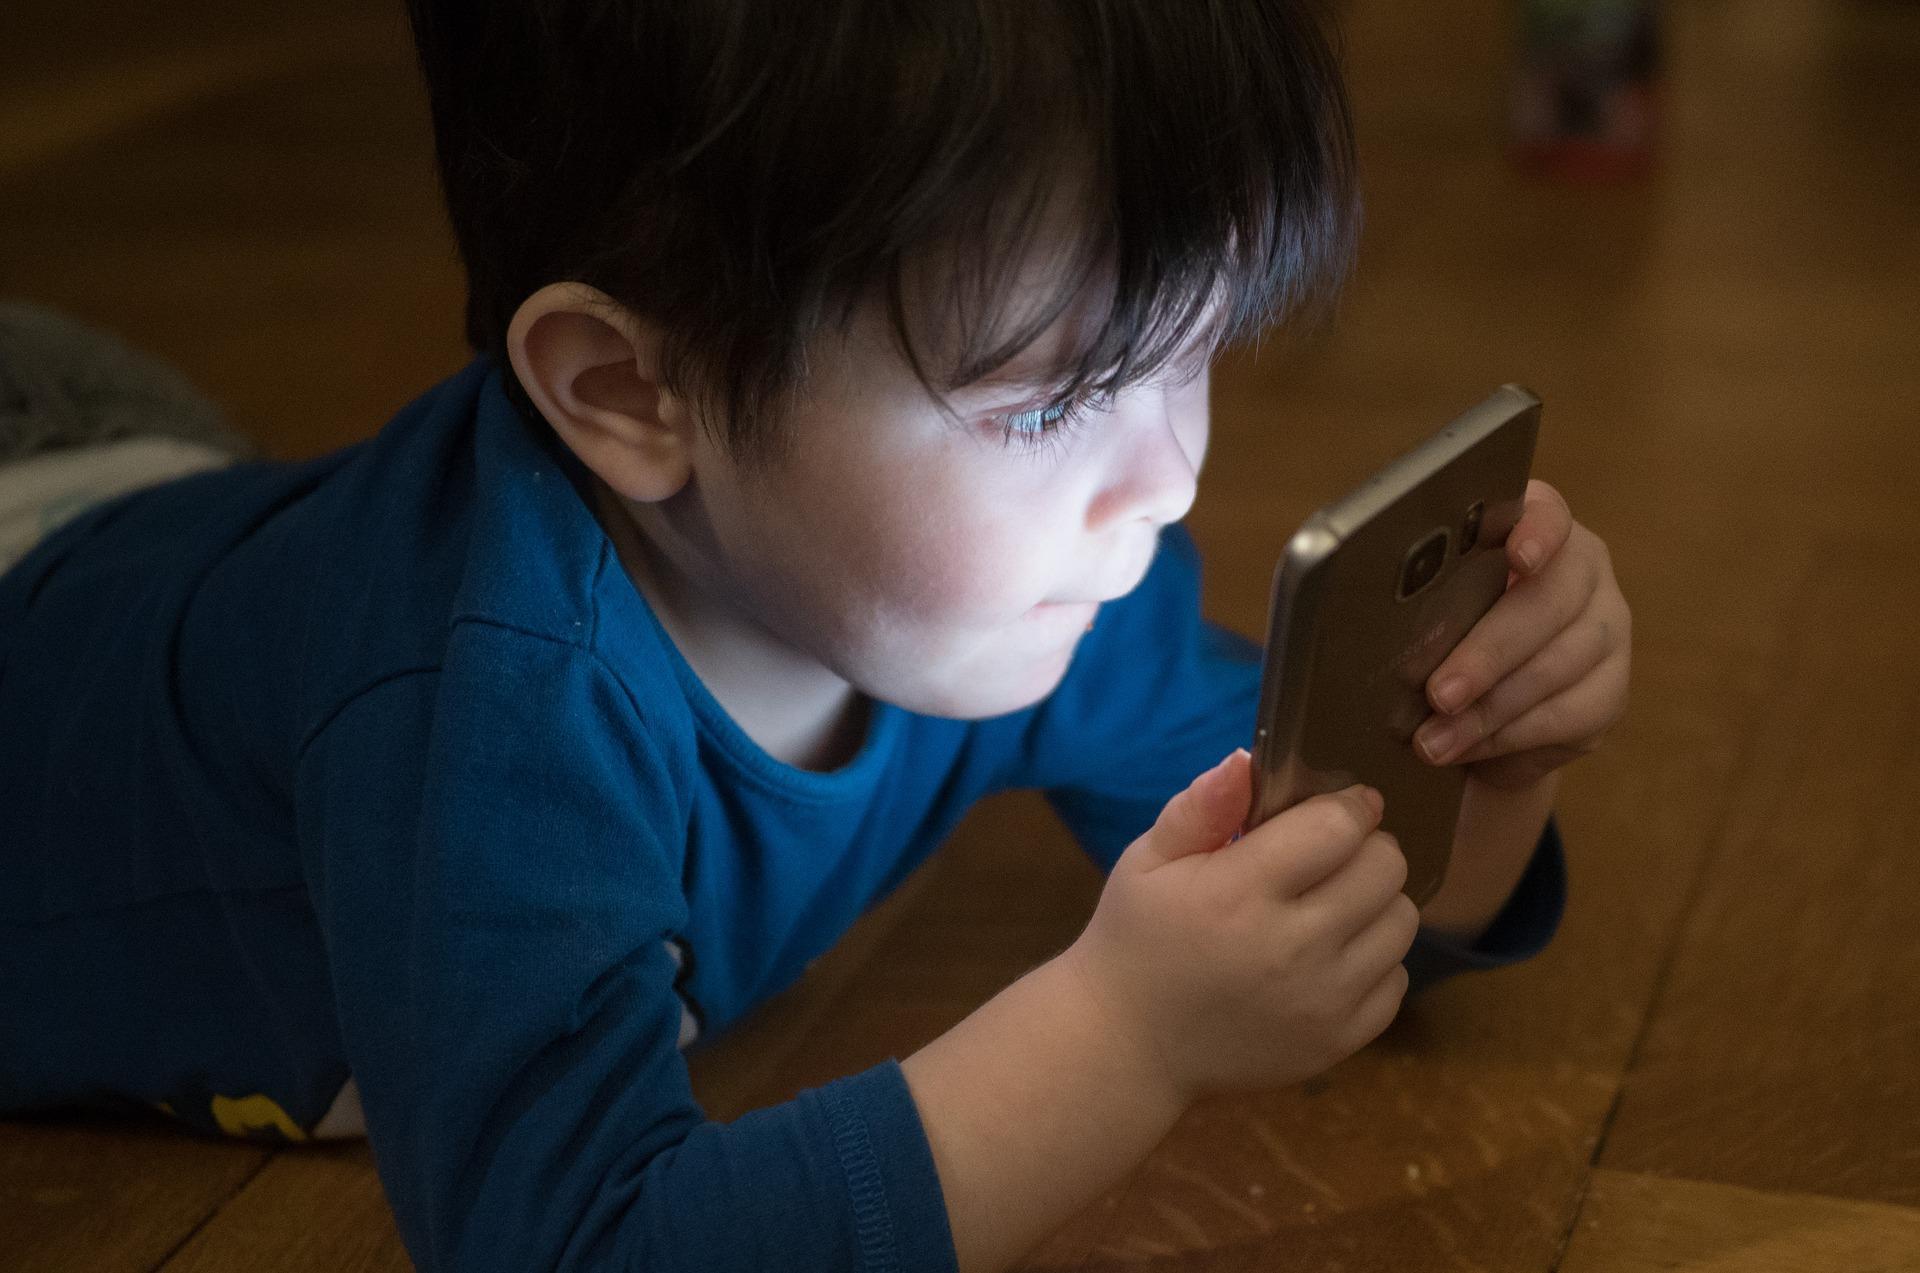 10 лучших смартфонов для детей на разный бюджет